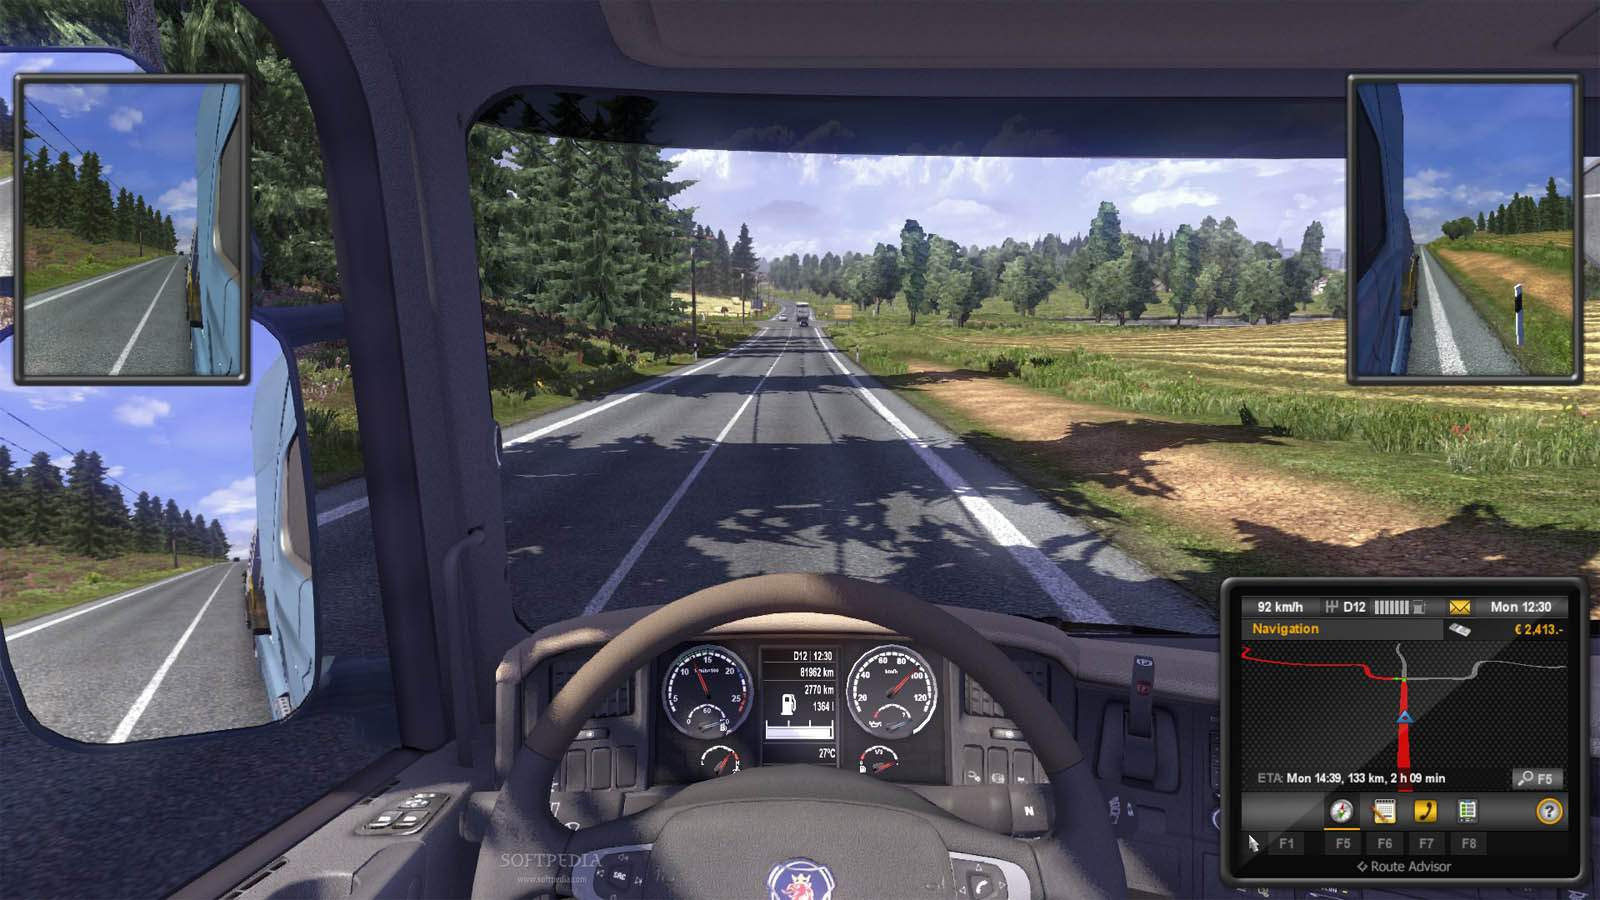 تحميل لعبة Euro Truck Simulator 2 مضغوطة كاملة بروابط مباشرة مجانا